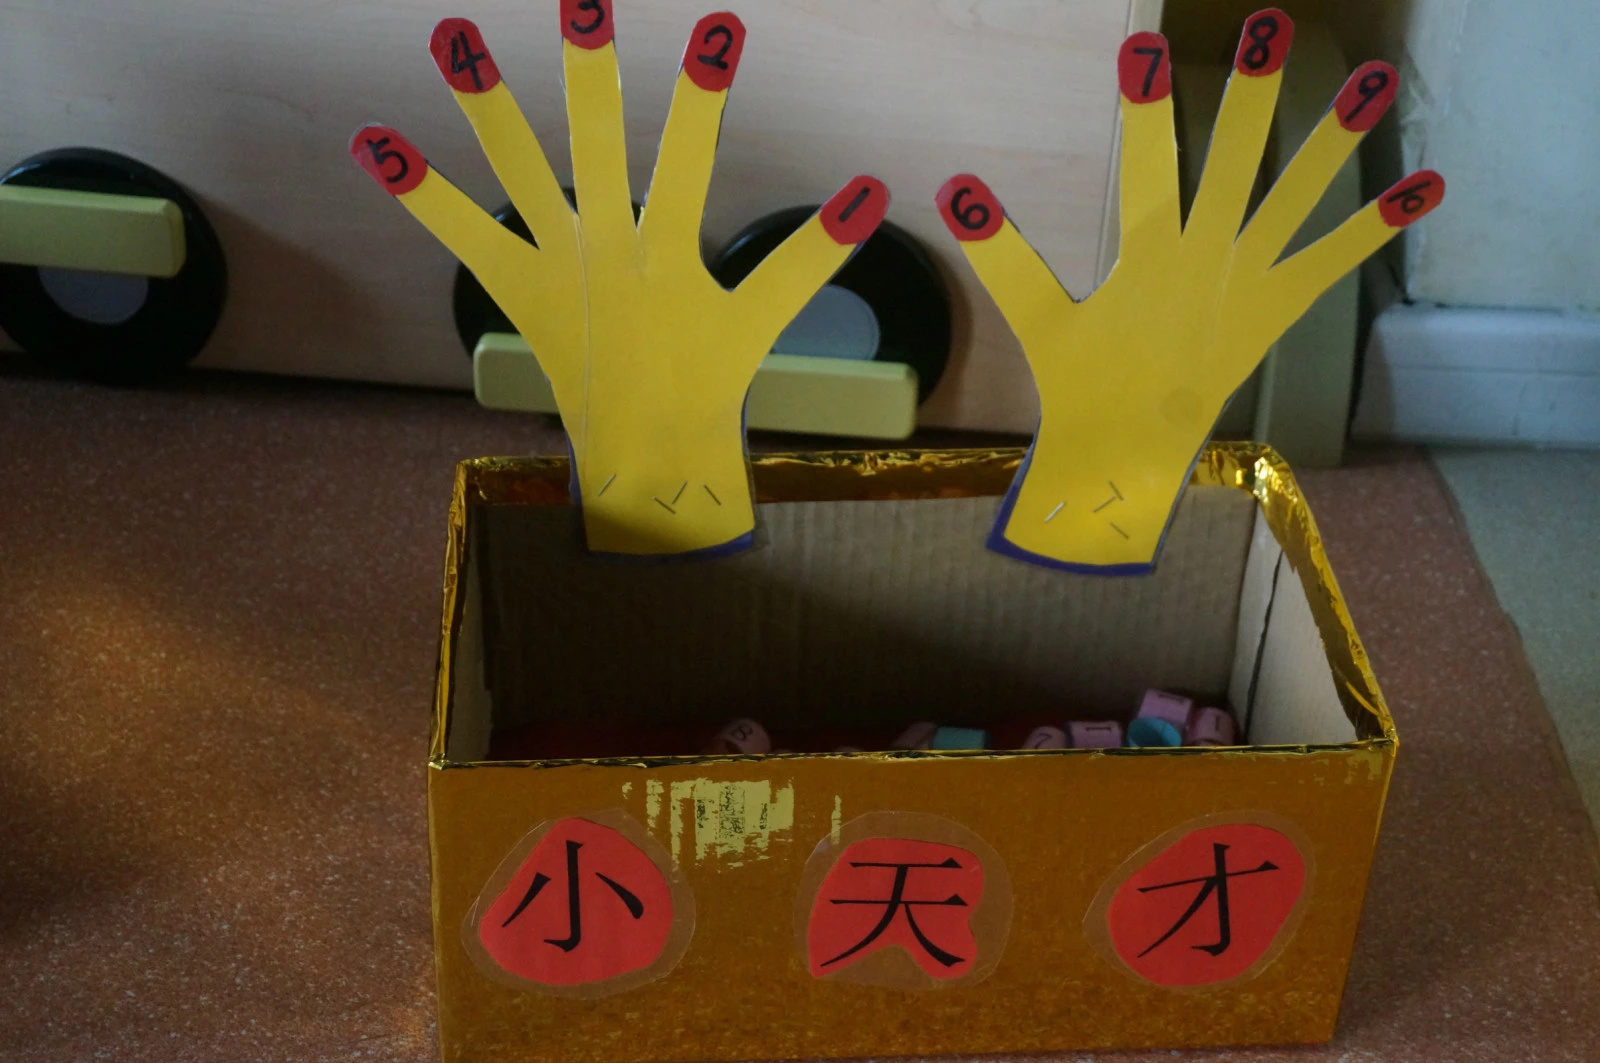 教具名称:小天才 目标:锻炼幼儿对数字的认知以及专注力.图片